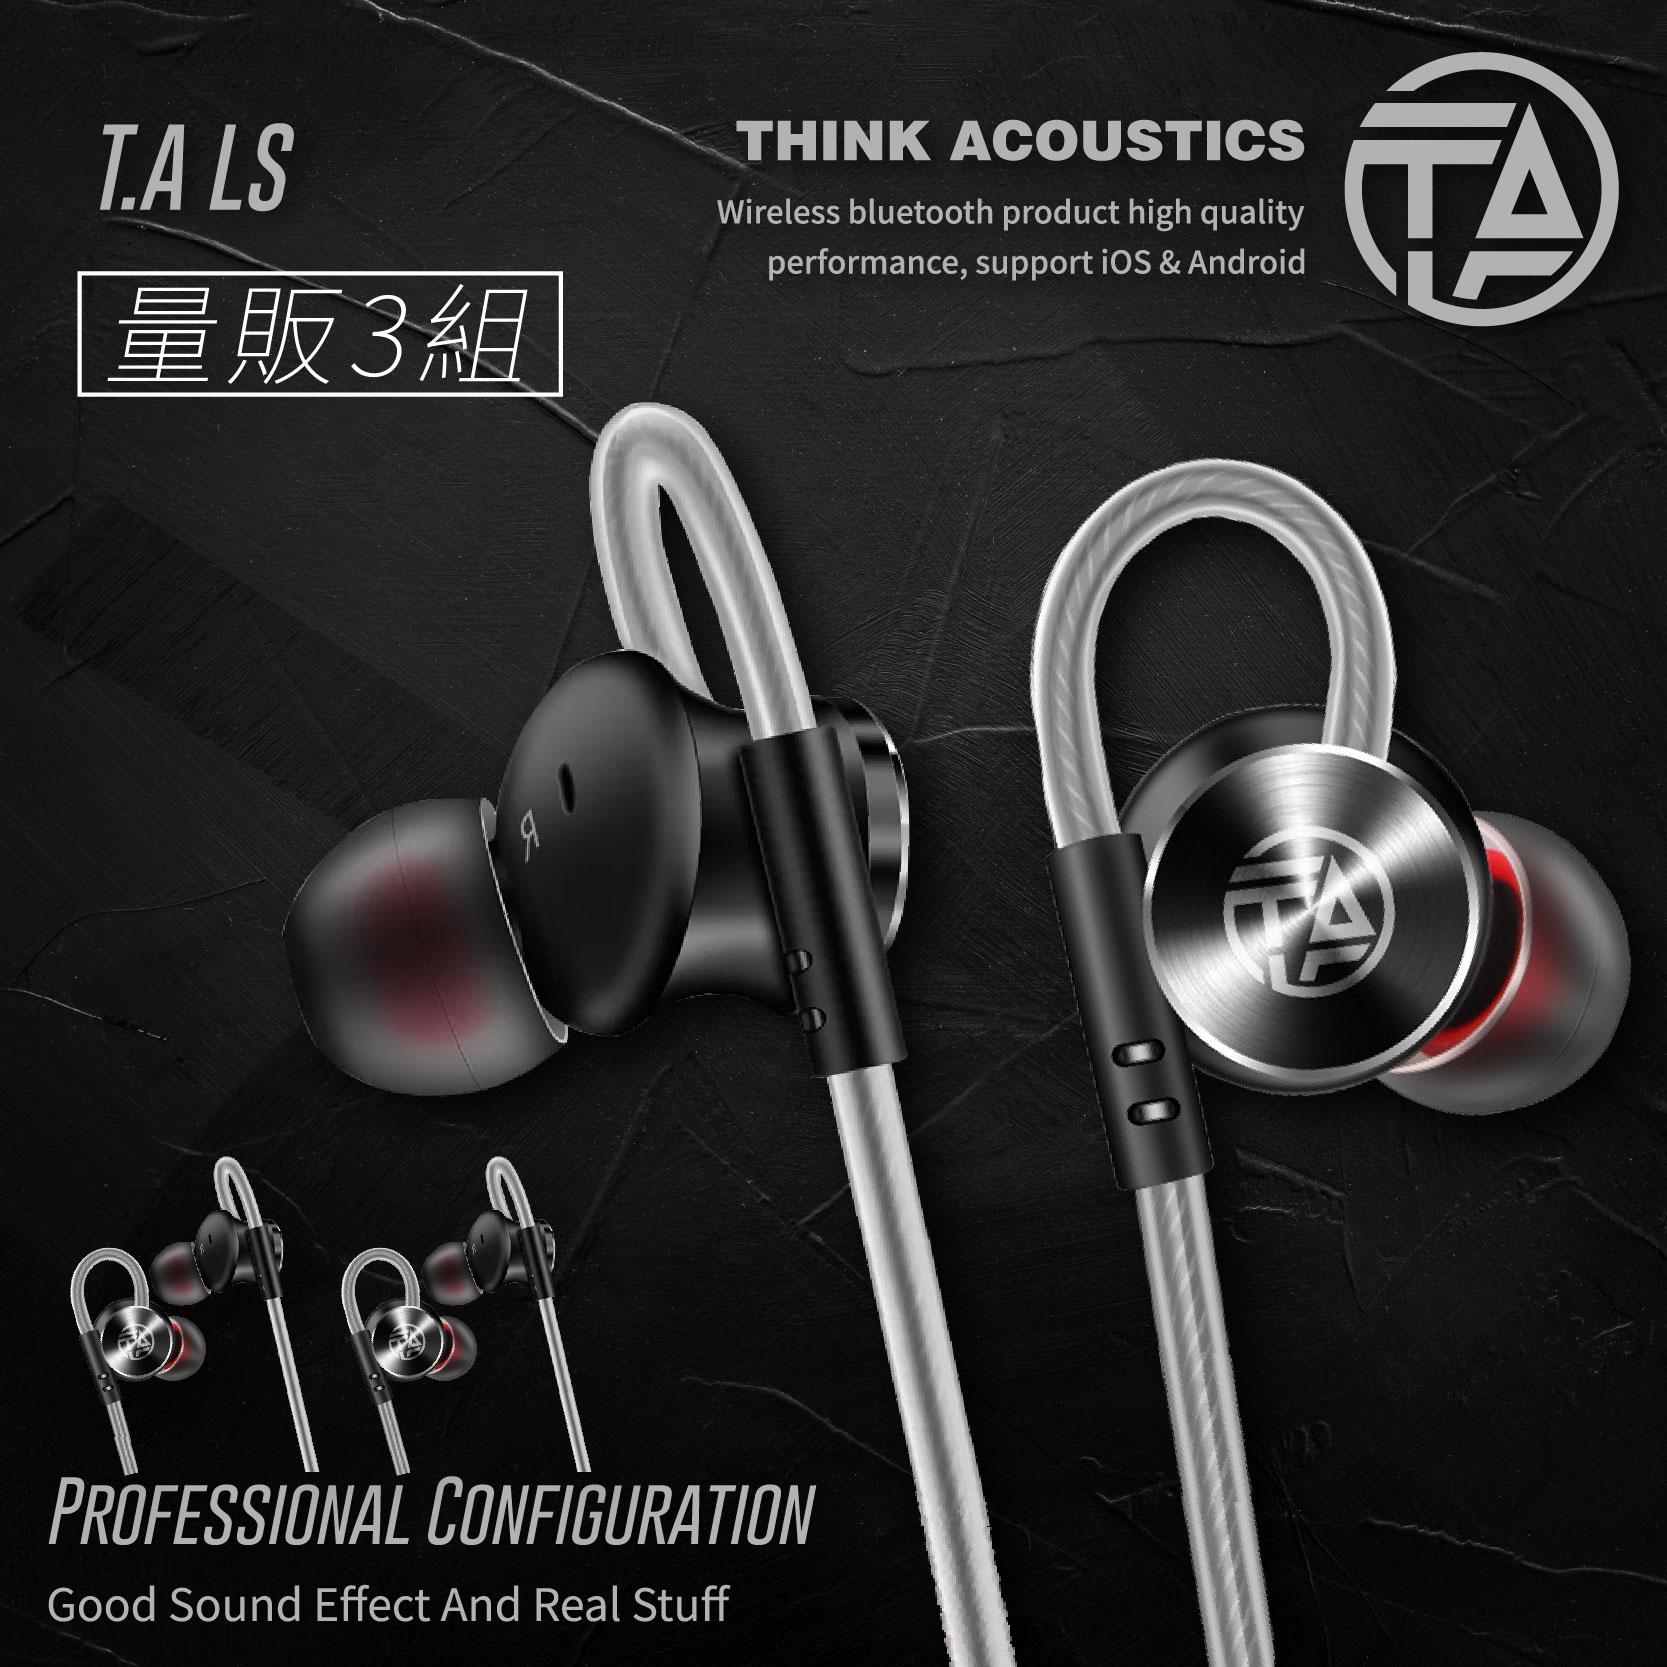 高清晰重低音耳機 量販X3 T.A-LS 耳道式 HIFI音質 金屬磁吸收納 商務 運動 人體工學設計配戴